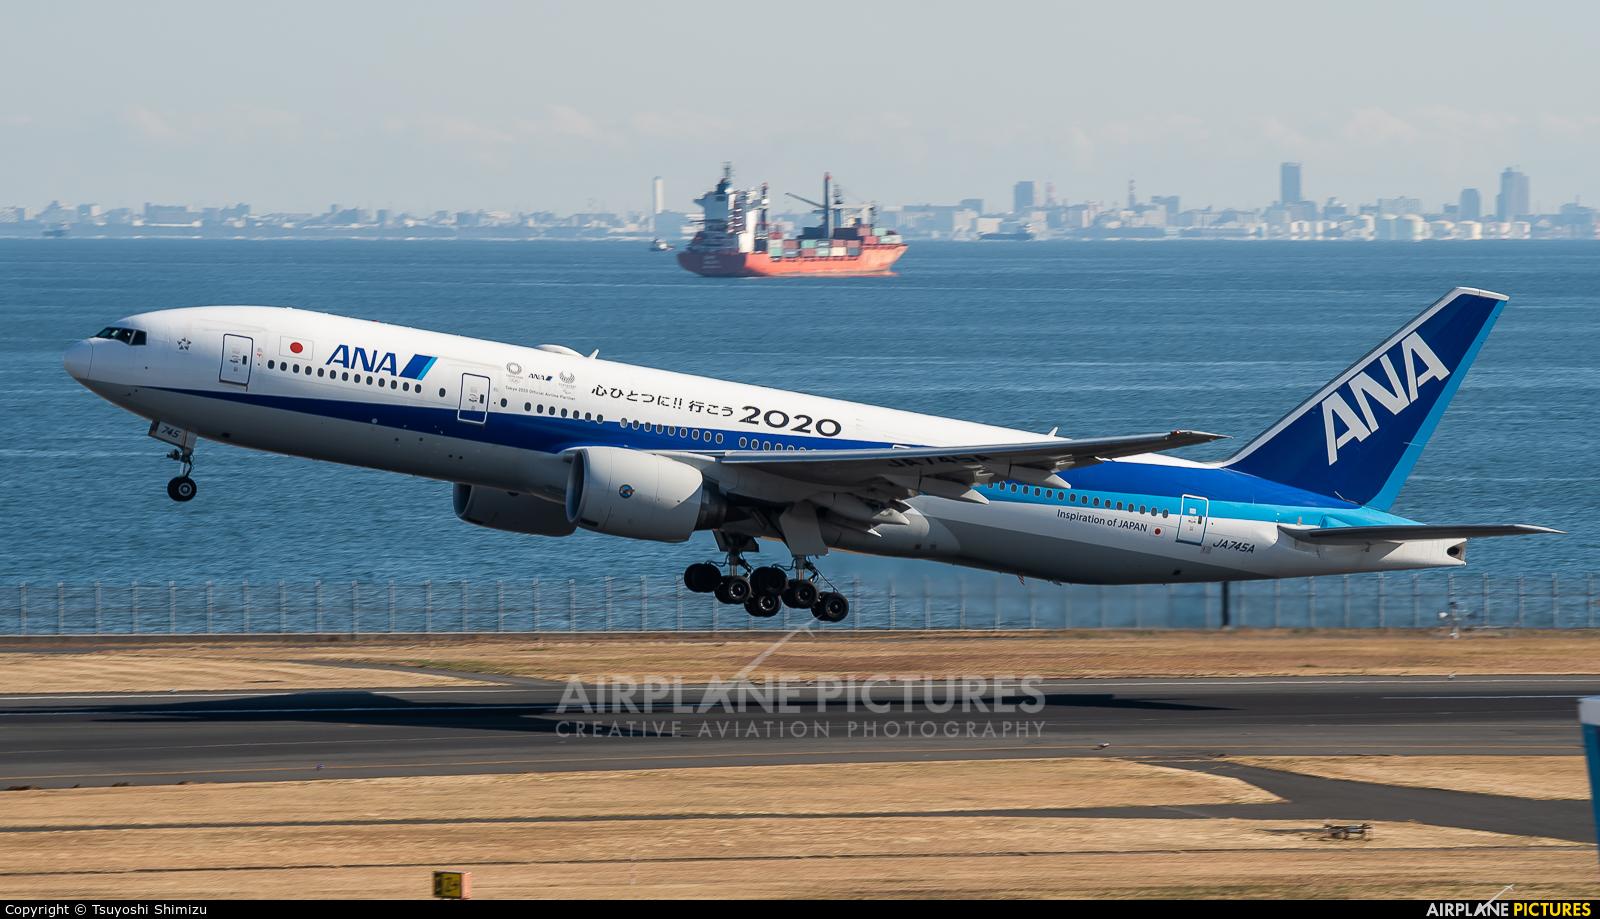 ANA - All Nippon Airways JA745A aircraft at Tokyo - Haneda Intl